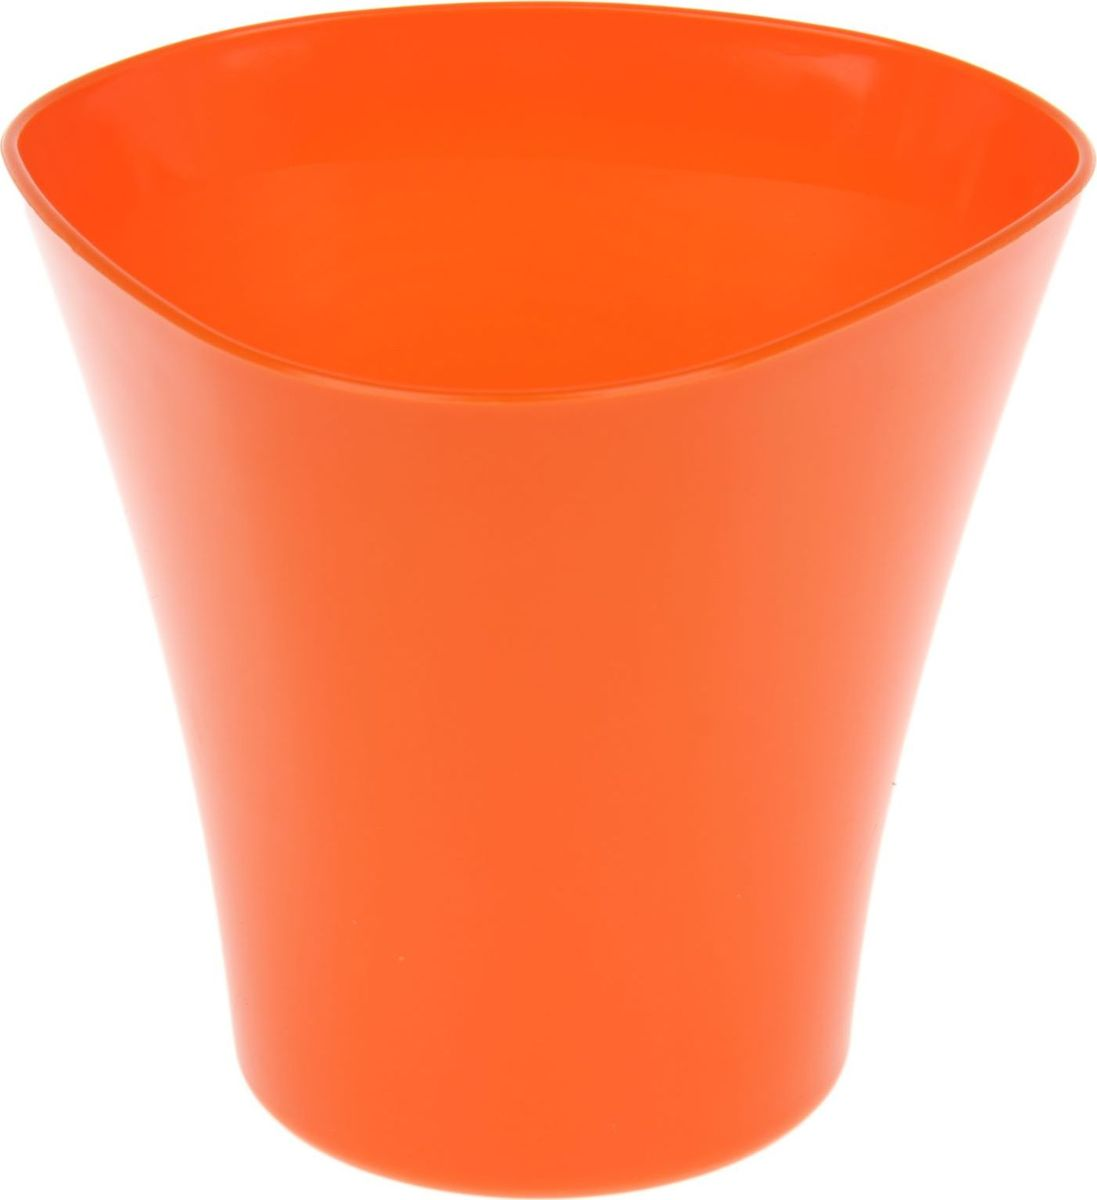 Кашпо JetPlast Волна, цвет: оранжевый, 3 л531-304Любой, даже самый современный и продуманный интерьер будет не завершённым без растений. Они не только очищают воздух и насыщают его кислородом, но и заметно украшают окружающее пространство. Такому полезному &laquo члену семьи&raquoпросто необходимо красивое и функциональное кашпо, оригинальный горшок или необычная ваза! Мы предлагаем - Кашпо 3 л Волна, цвет оранжевый!Оптимальный выбор материала &mdash &nbsp пластмасса! Почему мы так считаем? Малый вес. С лёгкостью переносите горшки и кашпо с места на место, ставьте их на столики или полки, подвешивайте под потолок, не беспокоясь о нагрузке. Простота ухода. Пластиковые изделия не нуждаются в специальных условиях хранения. Их&nbsp легко чистить &mdashдостаточно просто сполоснуть тёплой водой. Никаких царапин. Пластиковые кашпо не царапают и не загрязняют поверхности, на которых стоят. Пластик дольше хранит влагу, а значит &mdashрастение реже нуждается в поливе. Пластмасса не пропускает воздух &mdashкорневой системе растения не грозят резкие перепады температур. Огромный выбор форм, декора и расцветок &mdashвы без труда подберёте что-то, что идеально впишется в уже существующий интерьер.Соблюдая нехитрые правила ухода, вы можете заметно продлить срок службы горшков, вазонов и кашпо из пластика: всегда учитывайте размер кроны и корневой системы растения (при разрастании большое растение способно повредить маленький горшок)берегите изделие от воздействия прямых солнечных лучей, чтобы кашпо и горшки не выцветалидержите кашпо и горшки из пластика подальше от нагревающихся поверхностей.Создавайте прекрасные цветочные композиции, выращивайте рассаду или необычные растения, а низкие цены позволят вам не ограничивать себя в выборе.